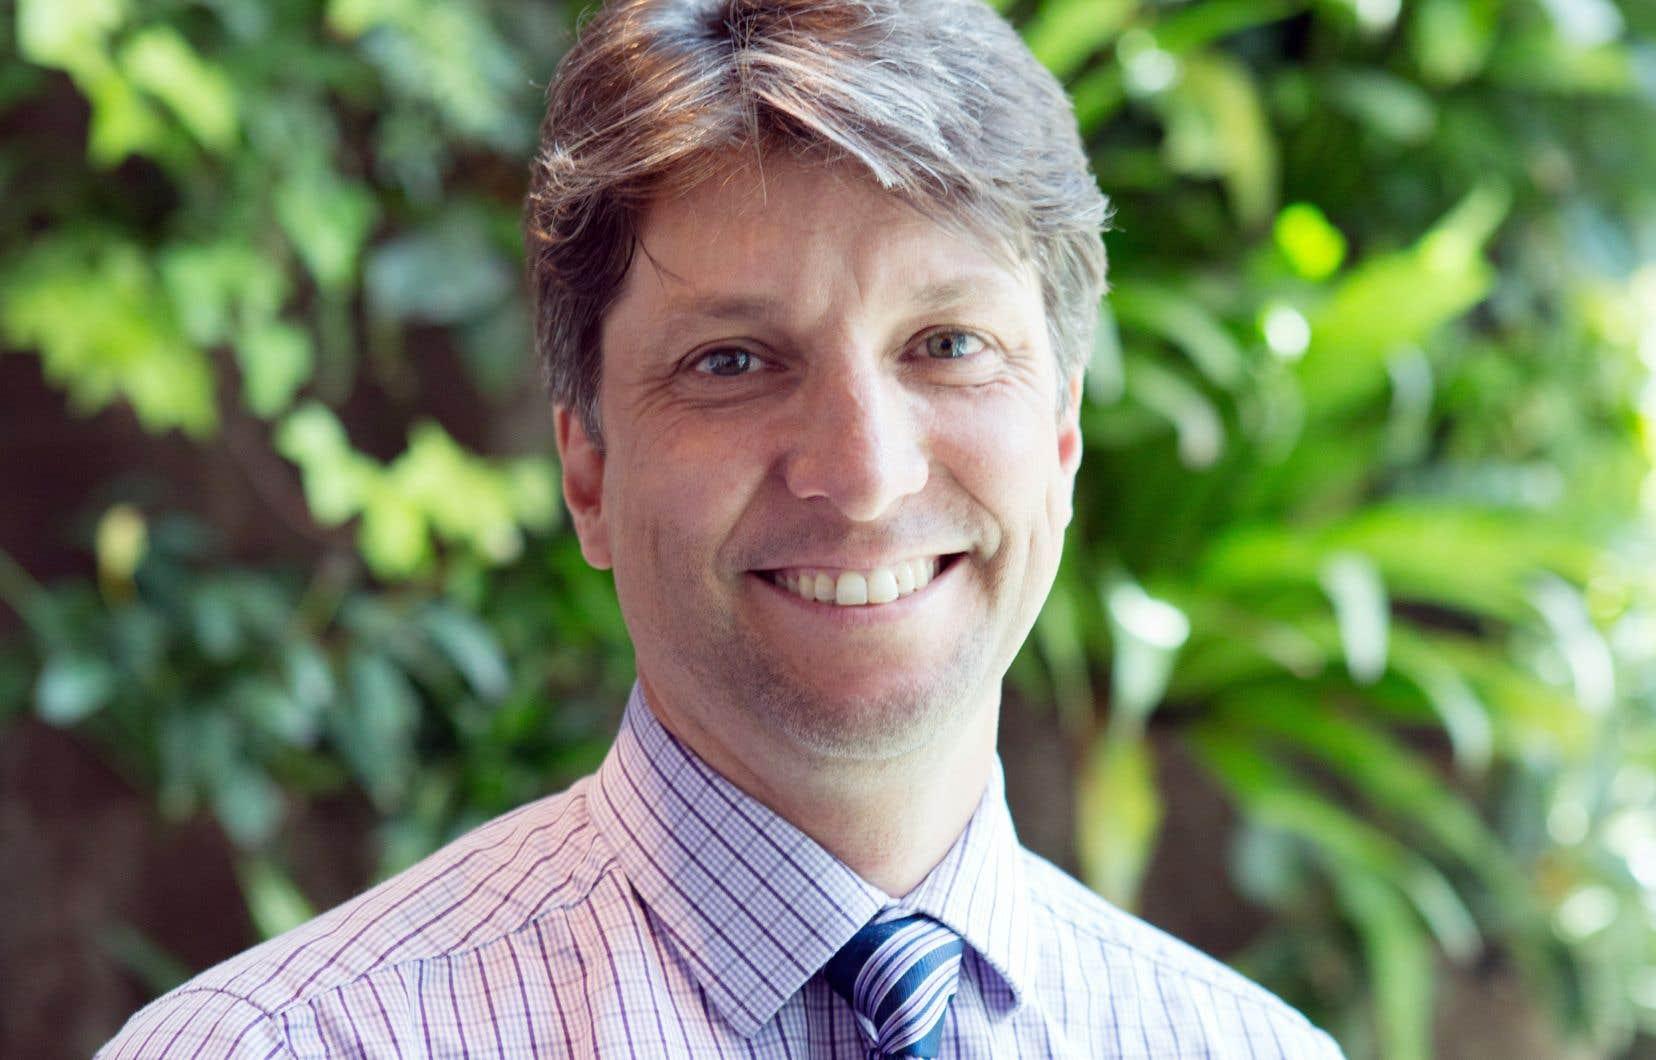 Le président du Bureau d'audiences publiques sur l'environnement (BAPE),Philippe Bourke